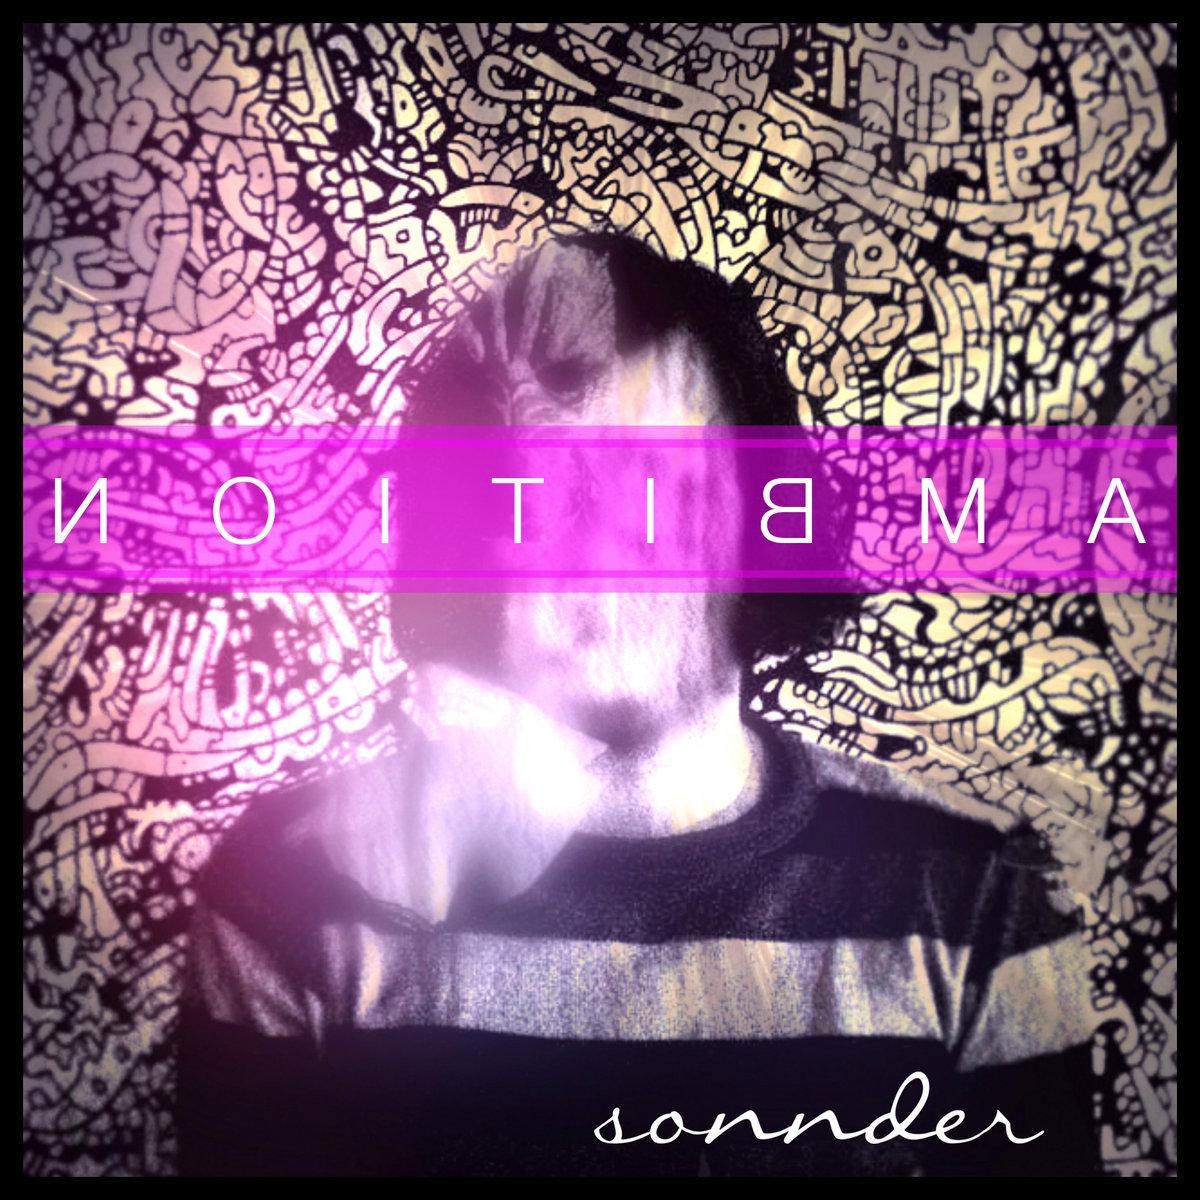 www.facebook.com/sonnder